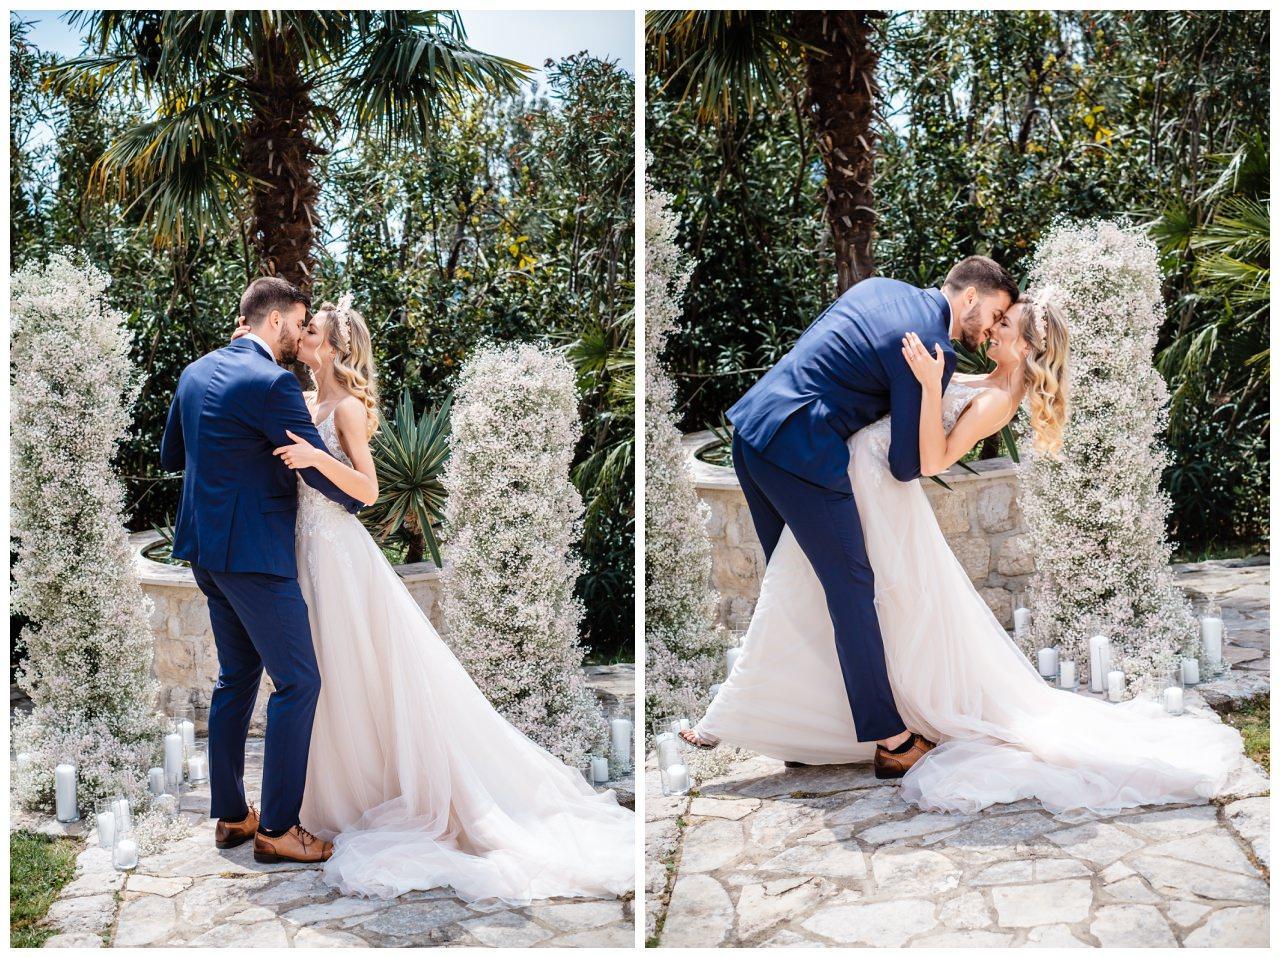 Hochzeit Villa Kroatien Hochzeitsplanung Fotograf 14 - Romantische Hochzeit in einer Villa